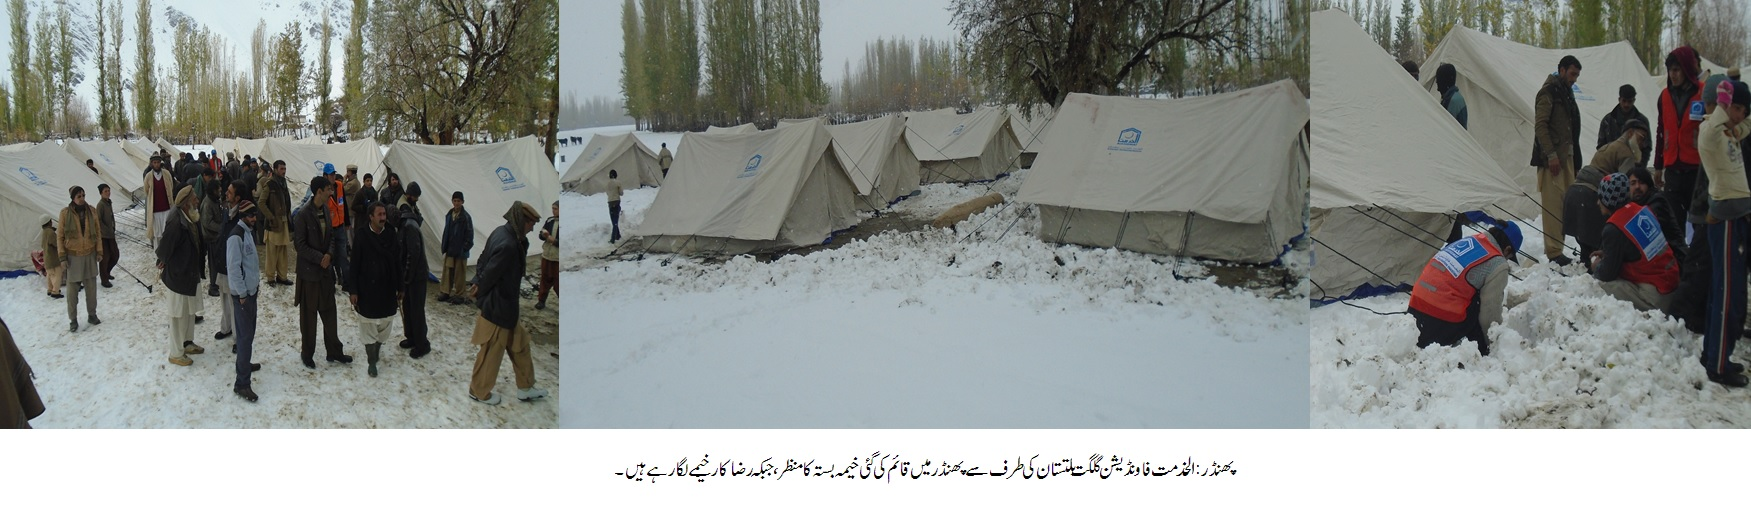 زلزلے کے متاثرین شدید برفباری کی وجہ سے مشکلات کا شکار ہیں، الخدمت فاونڈیشن